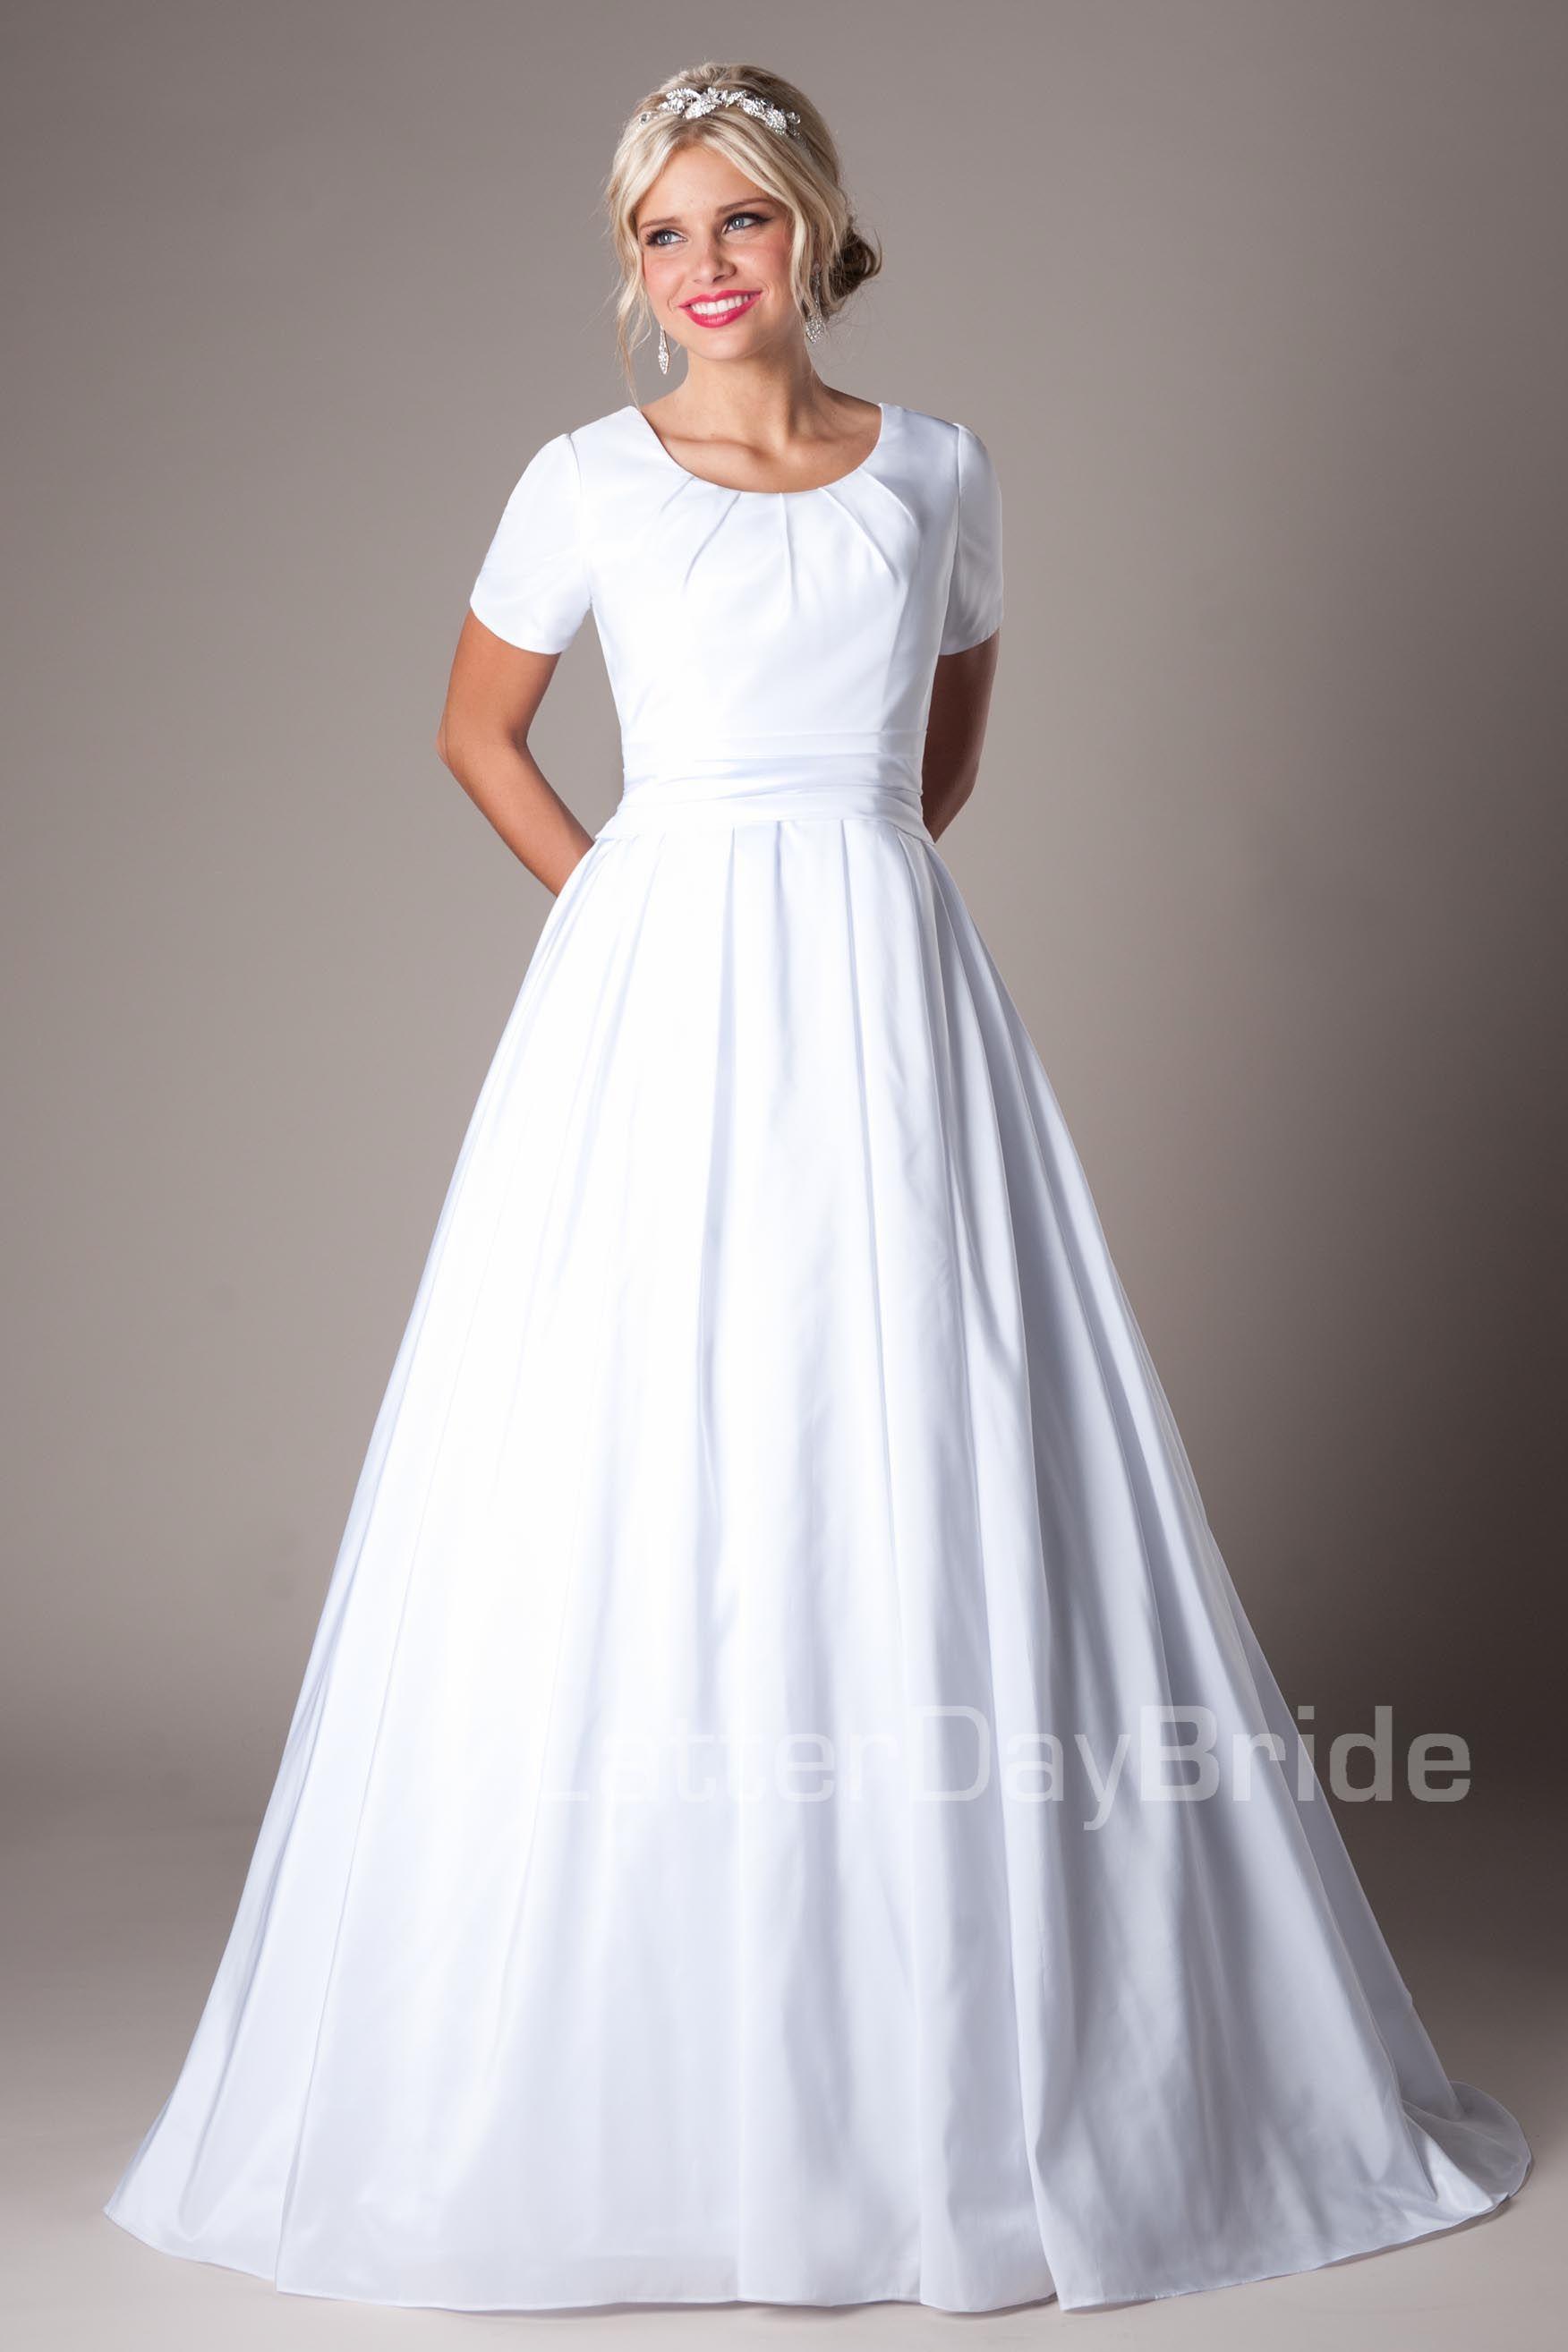 Weston modest wedding dress latter day bride prom for Latter day bride wedding dresses